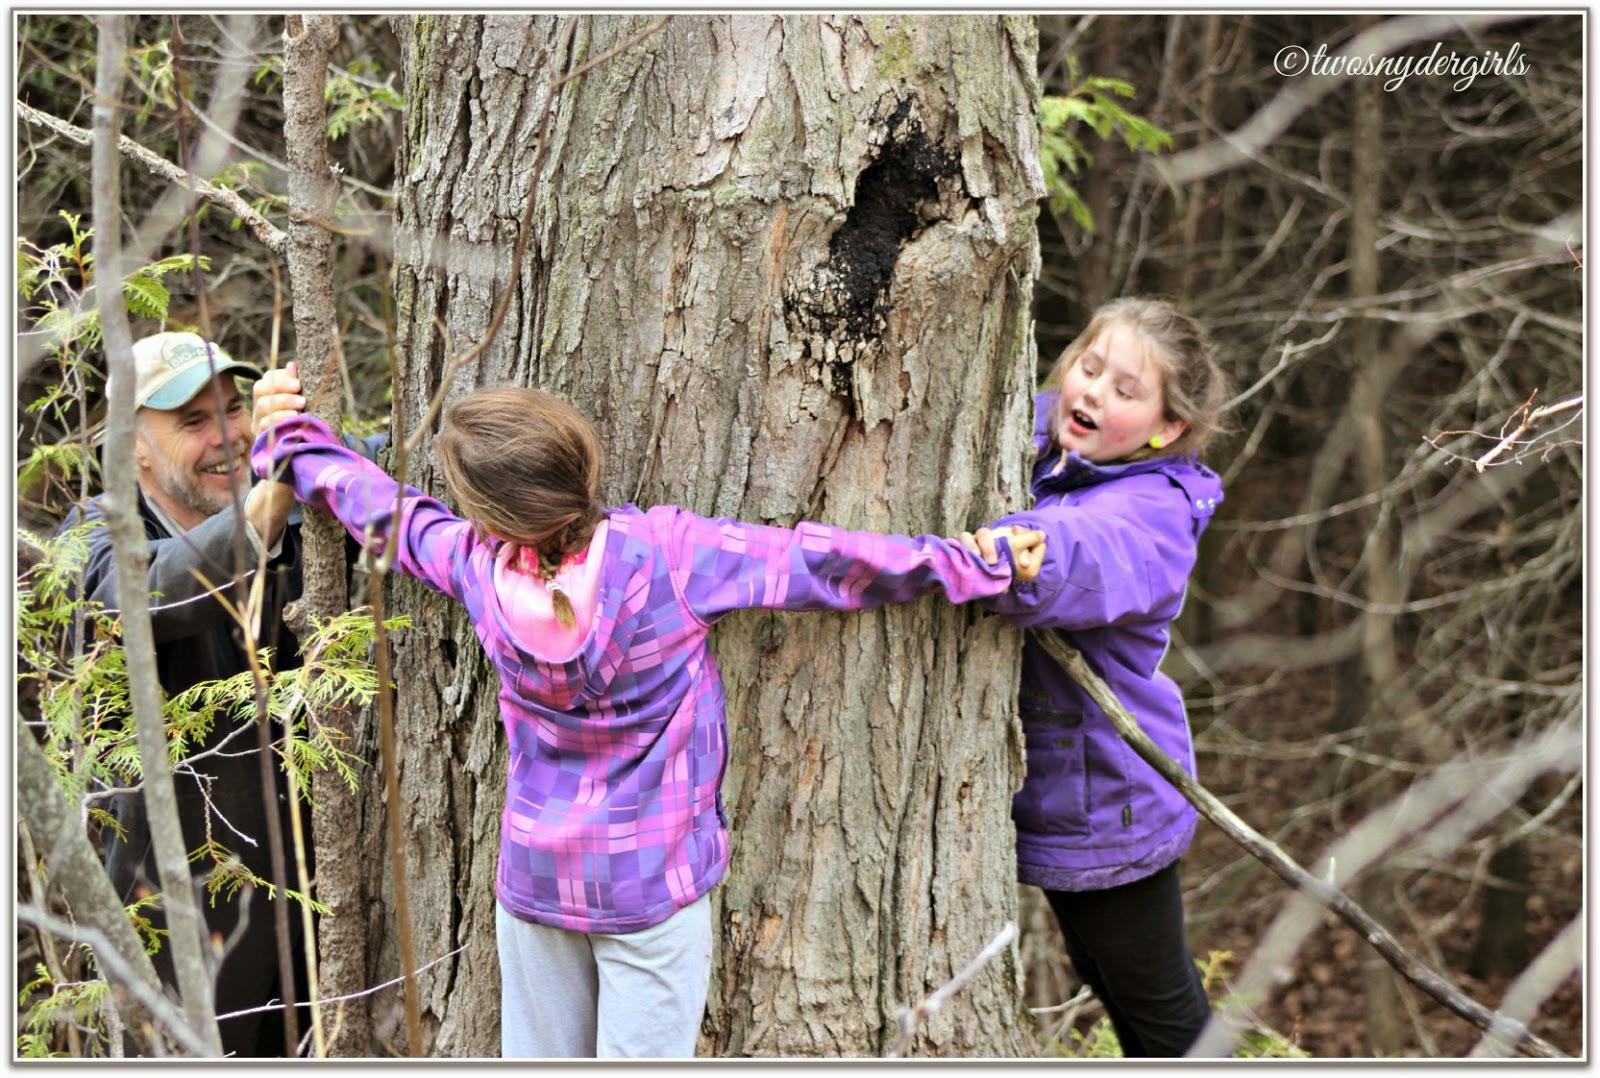 takes three to surround the tree